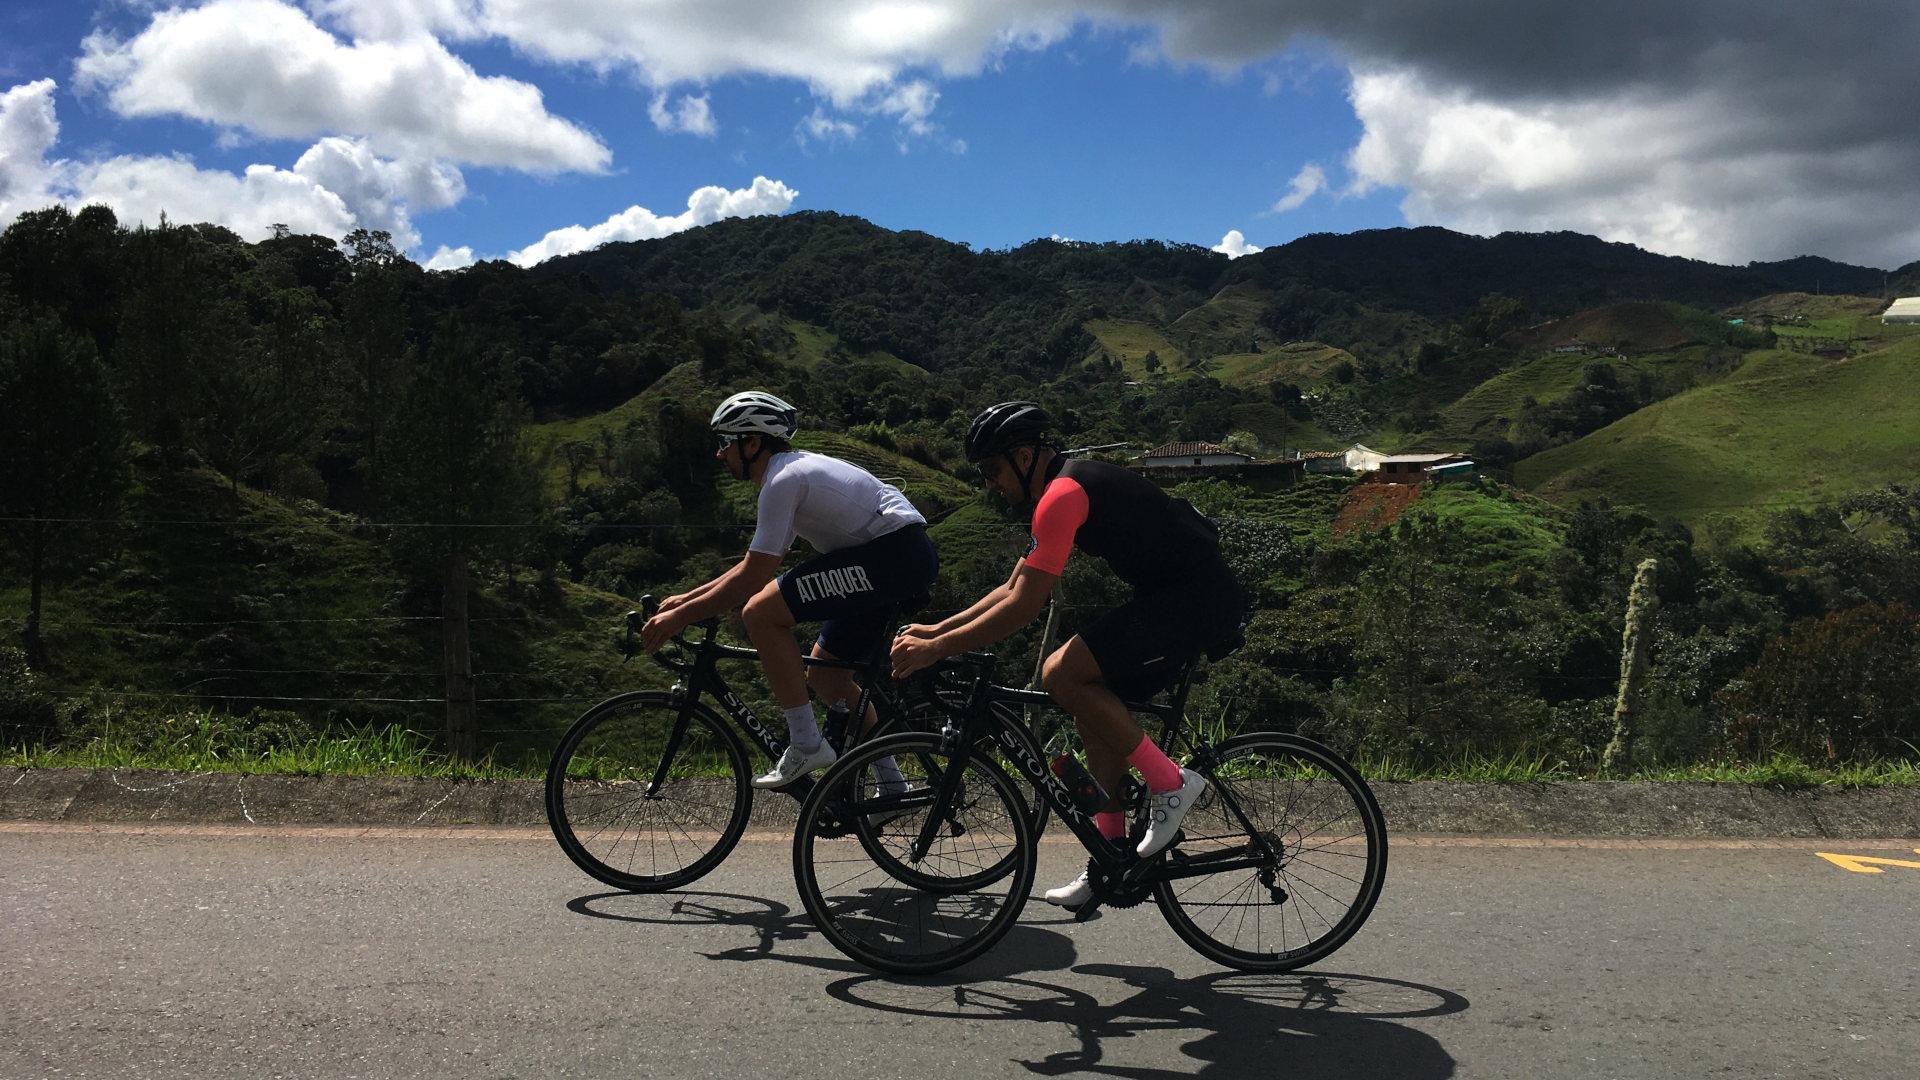 Zwei Teilnehmer eines unserer Rennrad Trainingslager in Kolumbien in smaragdgrüner Berglandschaft